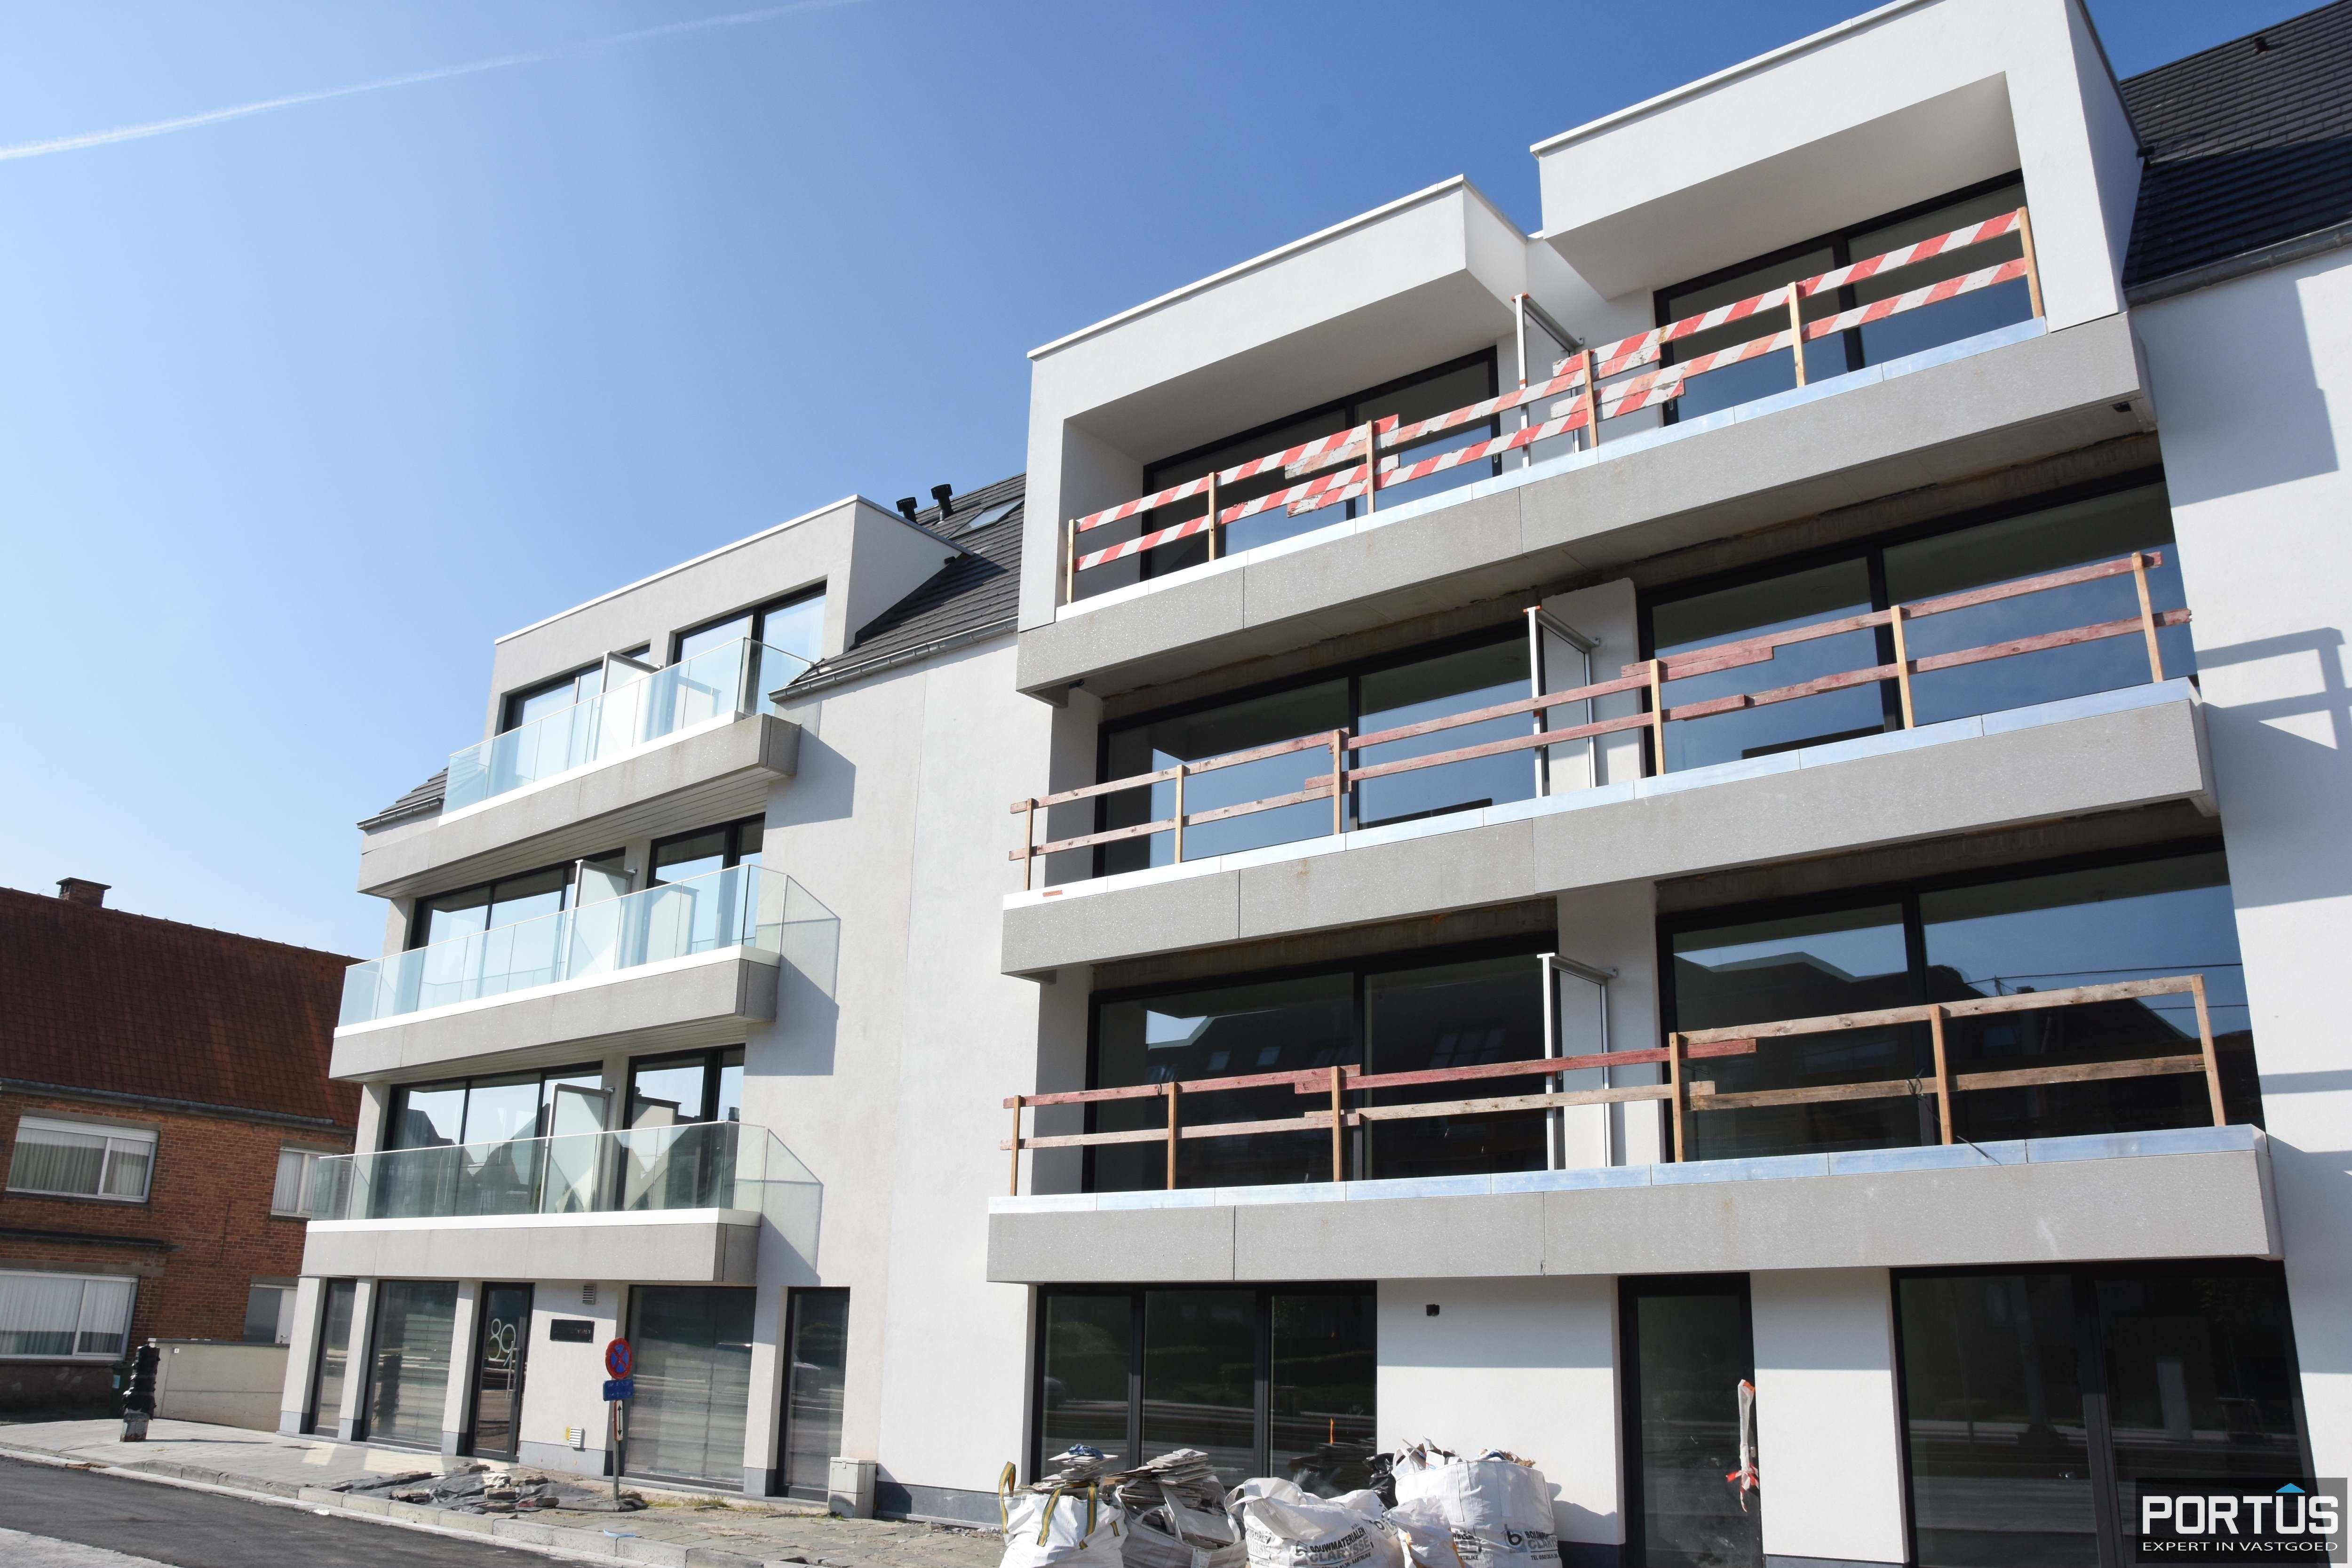 Recent appartement te huur met 3 slaapkamers, kelderberging en parking - 11109